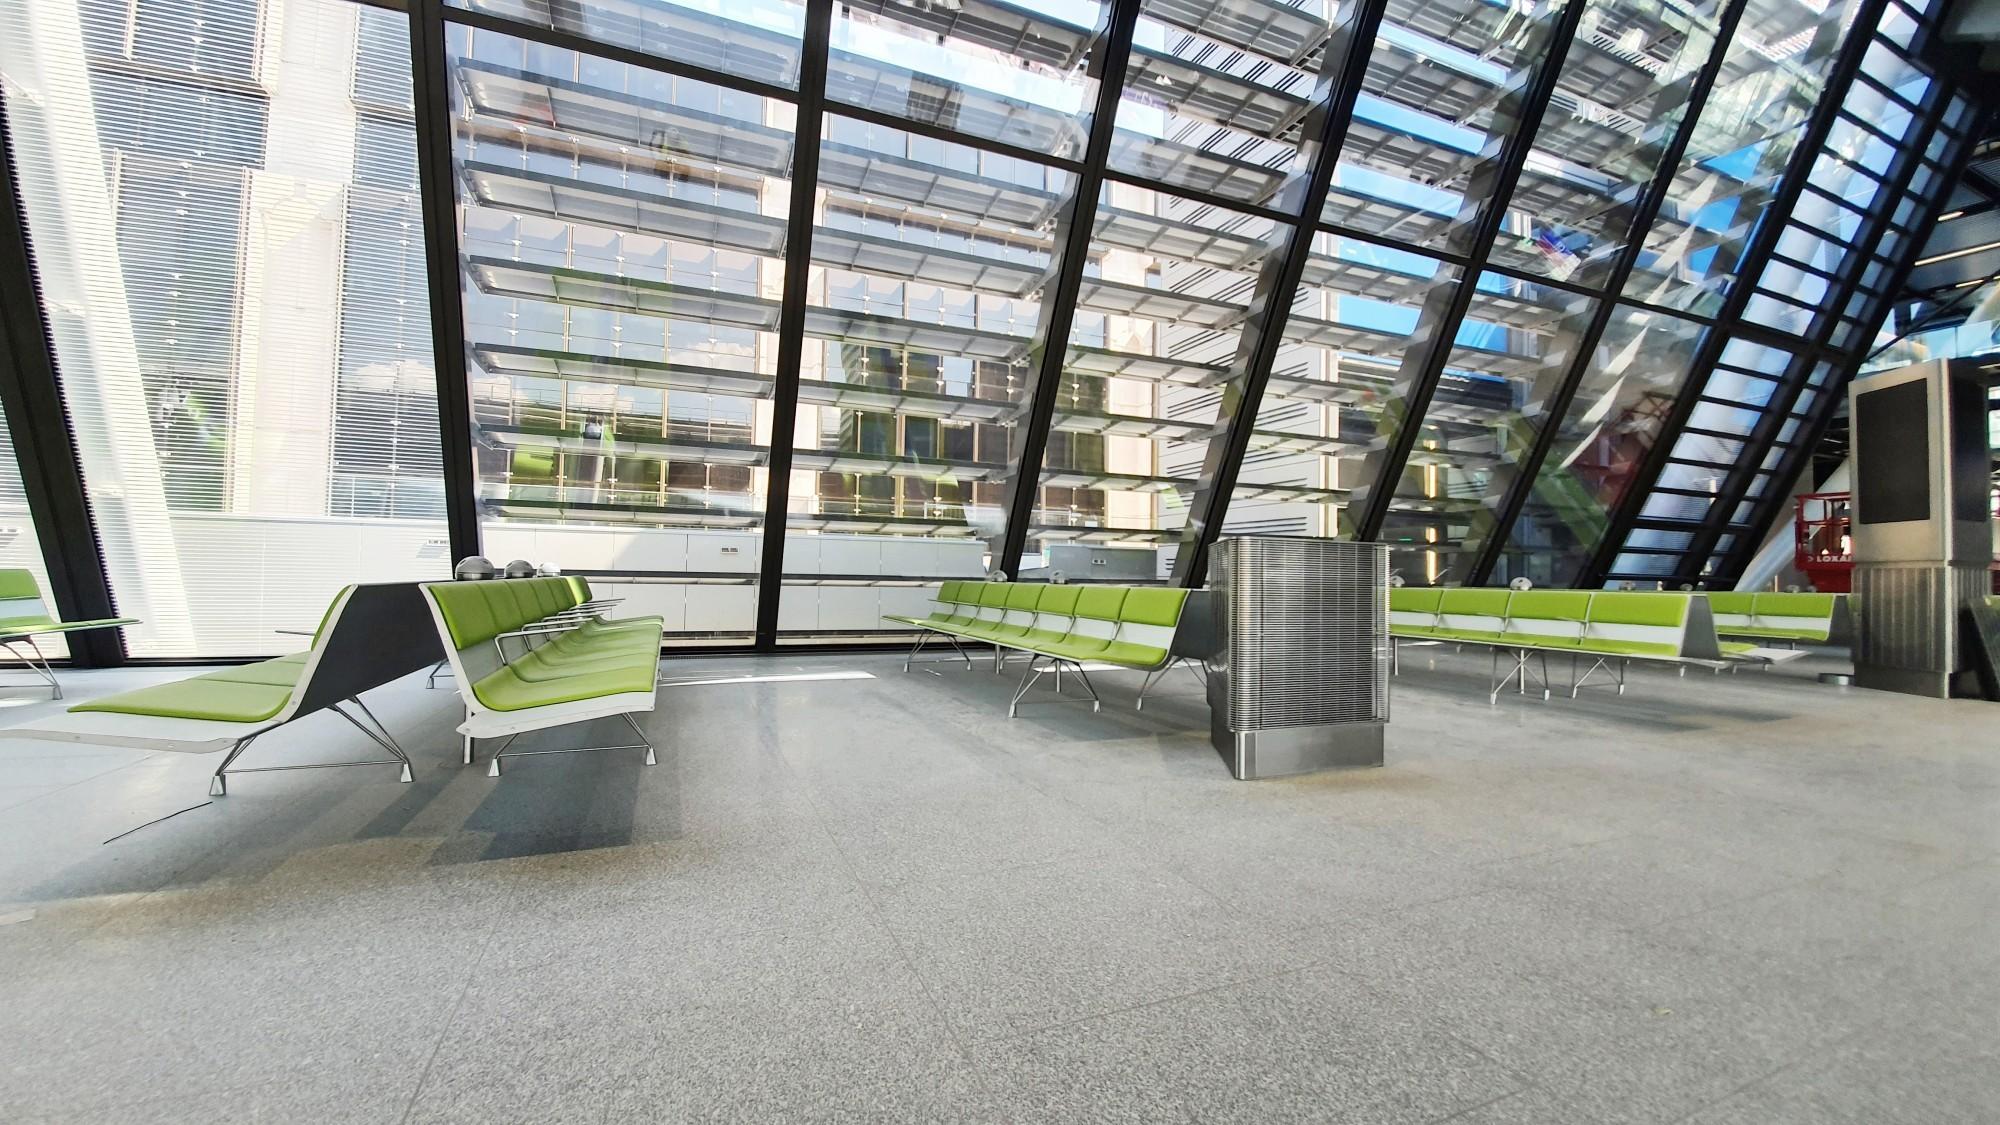 CERMIX_GVA_AileEst4Avec ses 520 m de long, son exosquelette métallique et ses façades entièrement vitrées, l'Aile Est - nouveau terminal gros porteurs de l'aéroport de Genève- est un véritable bijou architectural, design et fonctionnel.